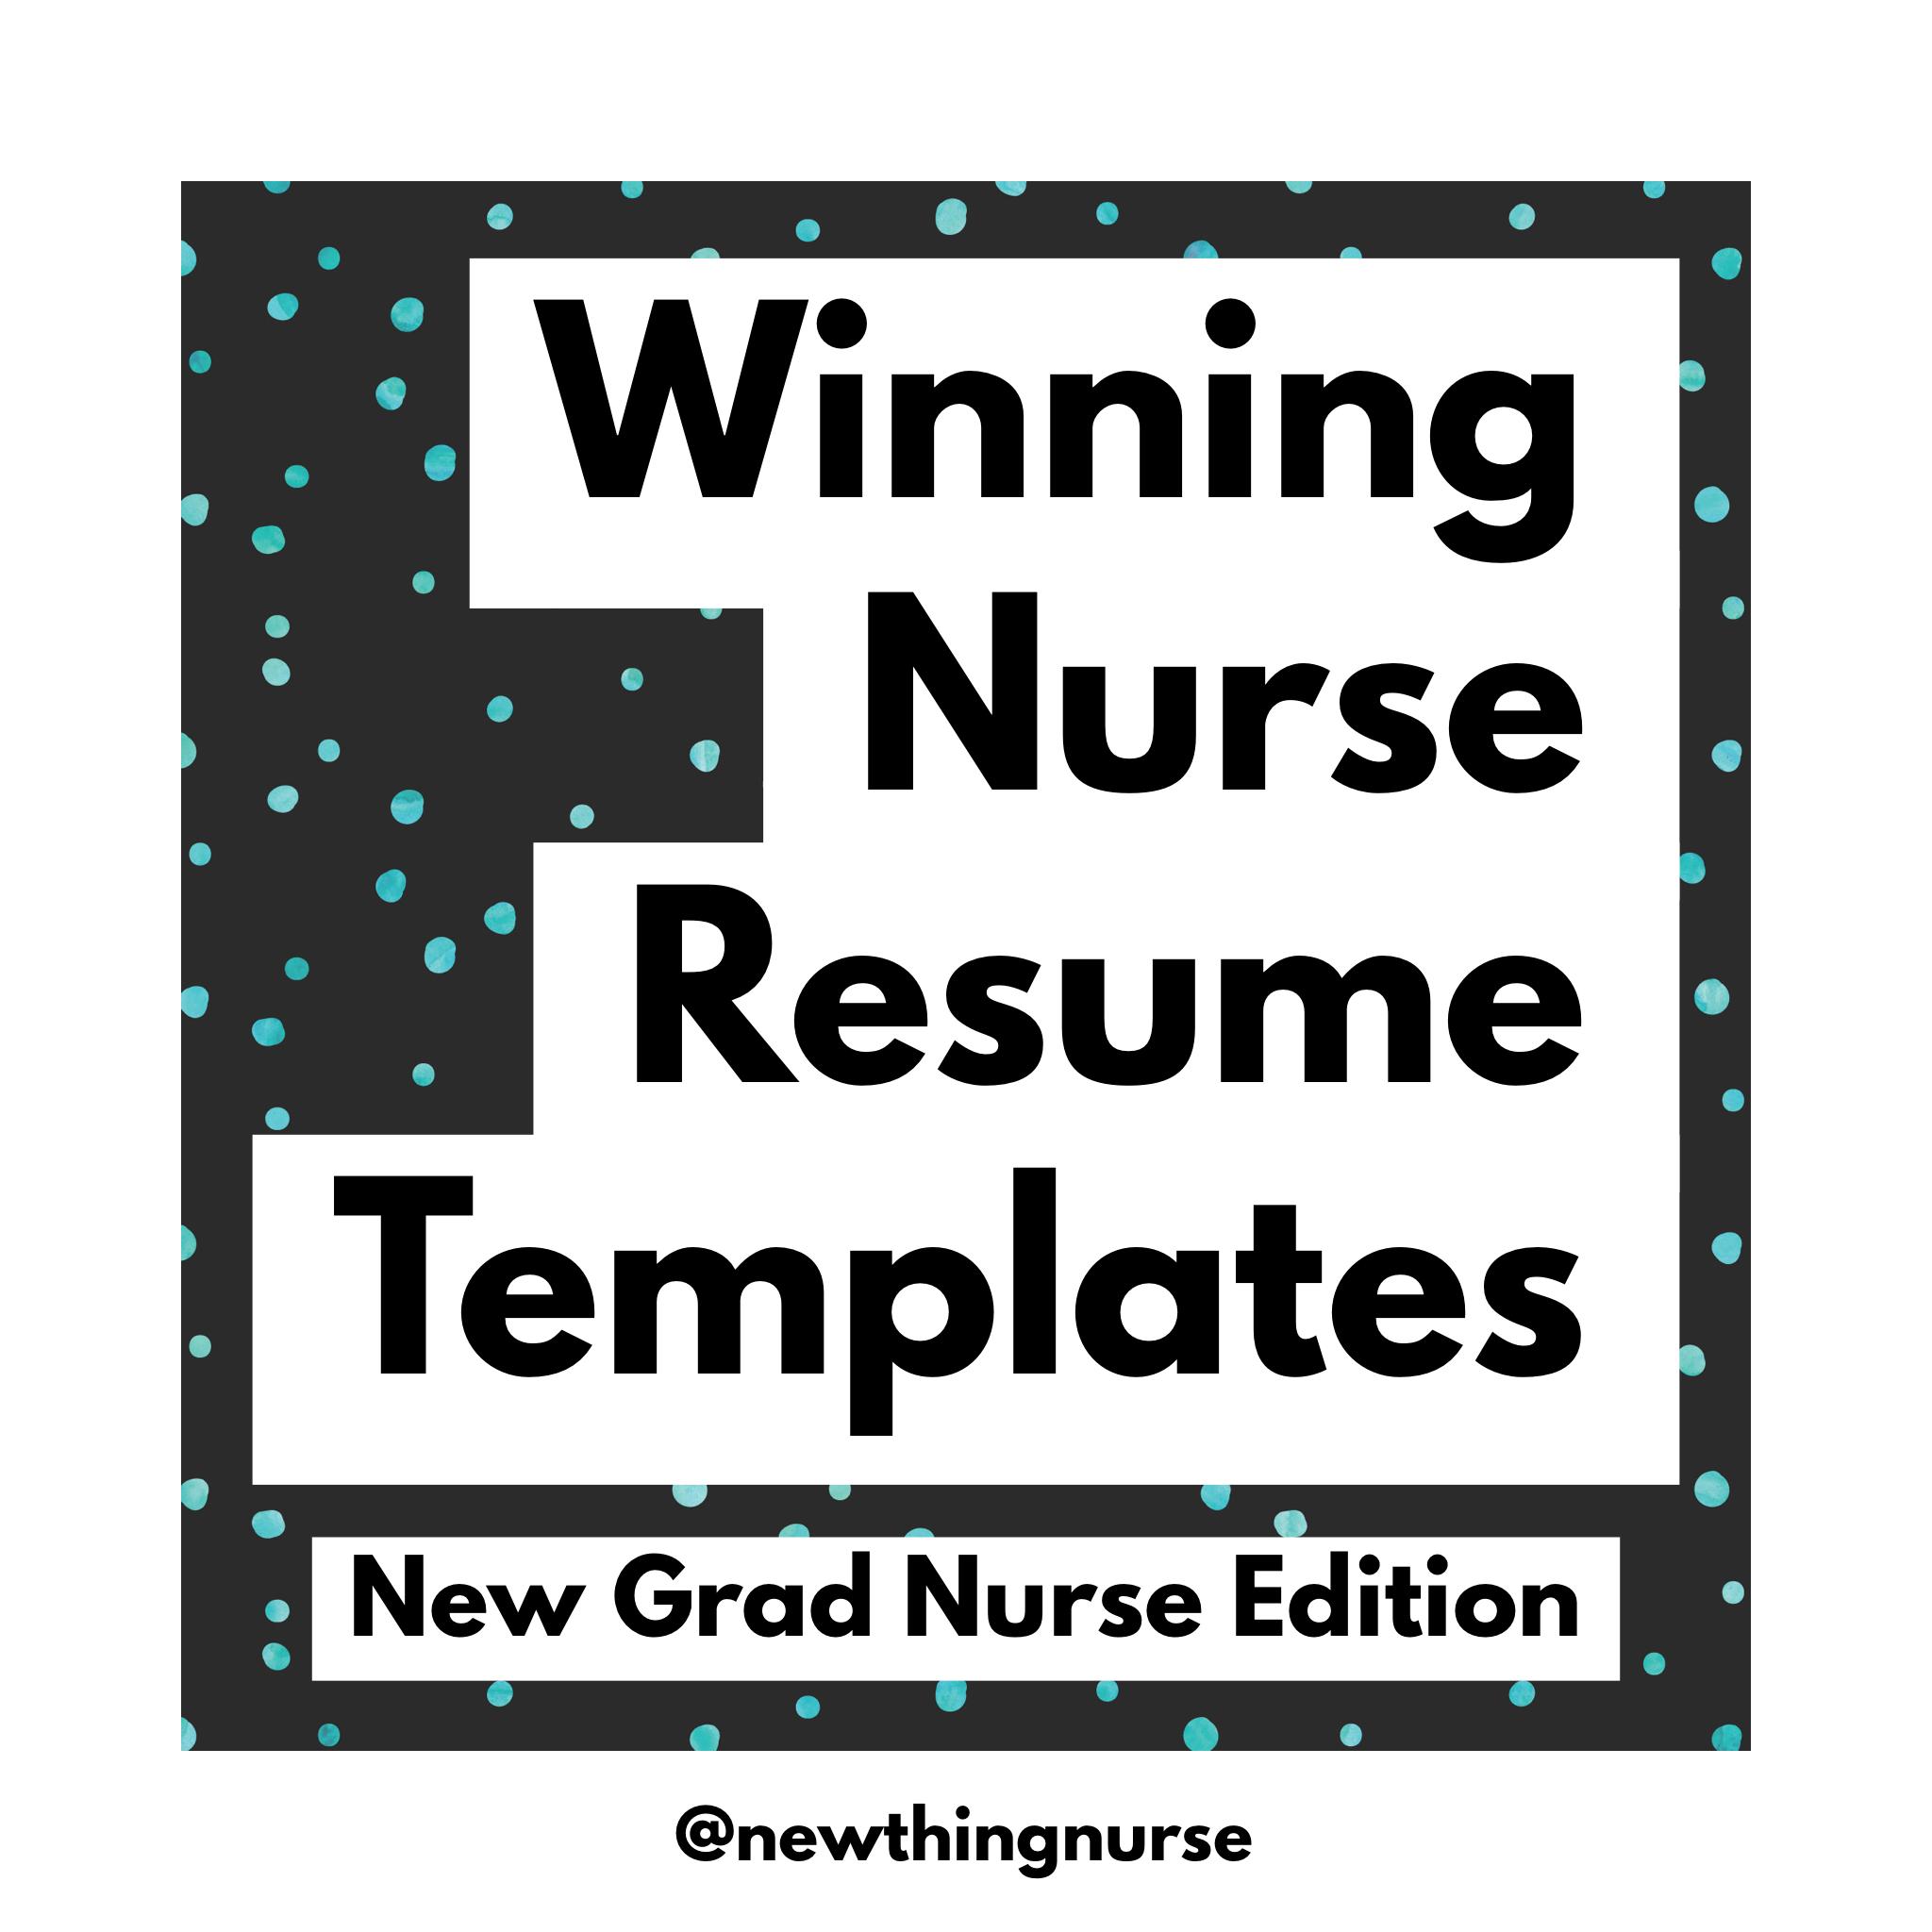 新毕业的Nurse.png